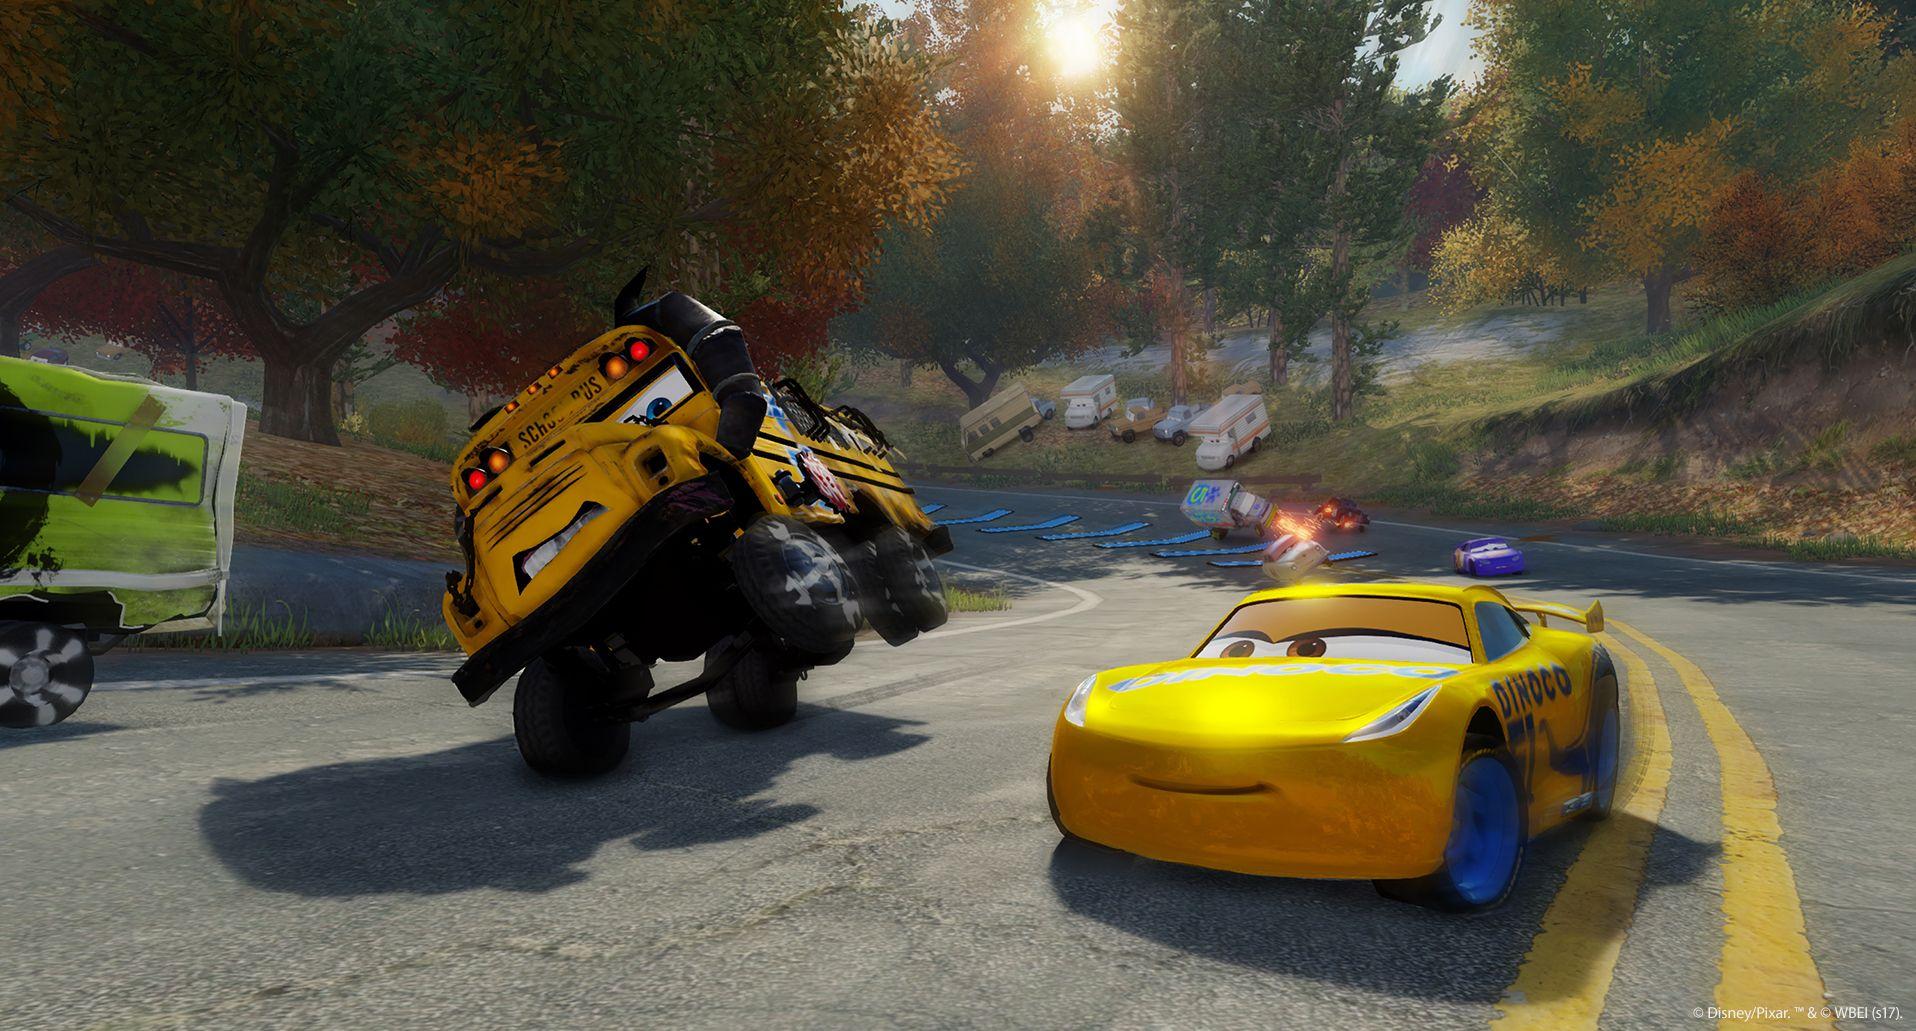 Závodní hra Auta 3 se koná po událostech z filmu 141548